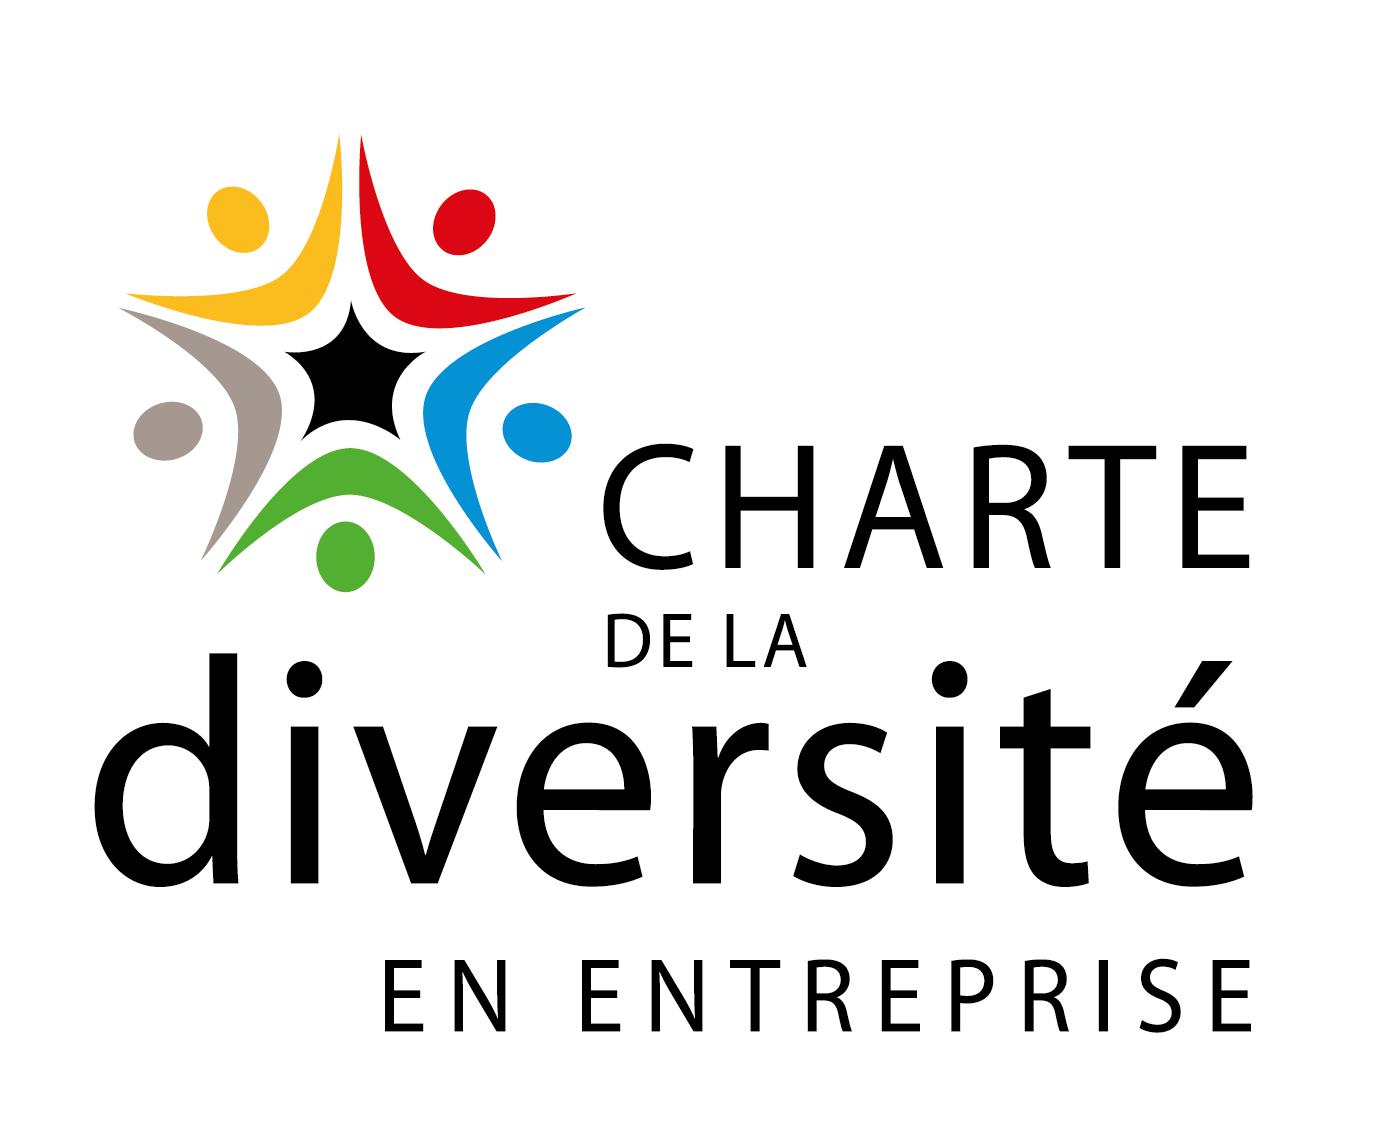 Charte de la diversité en entreprise